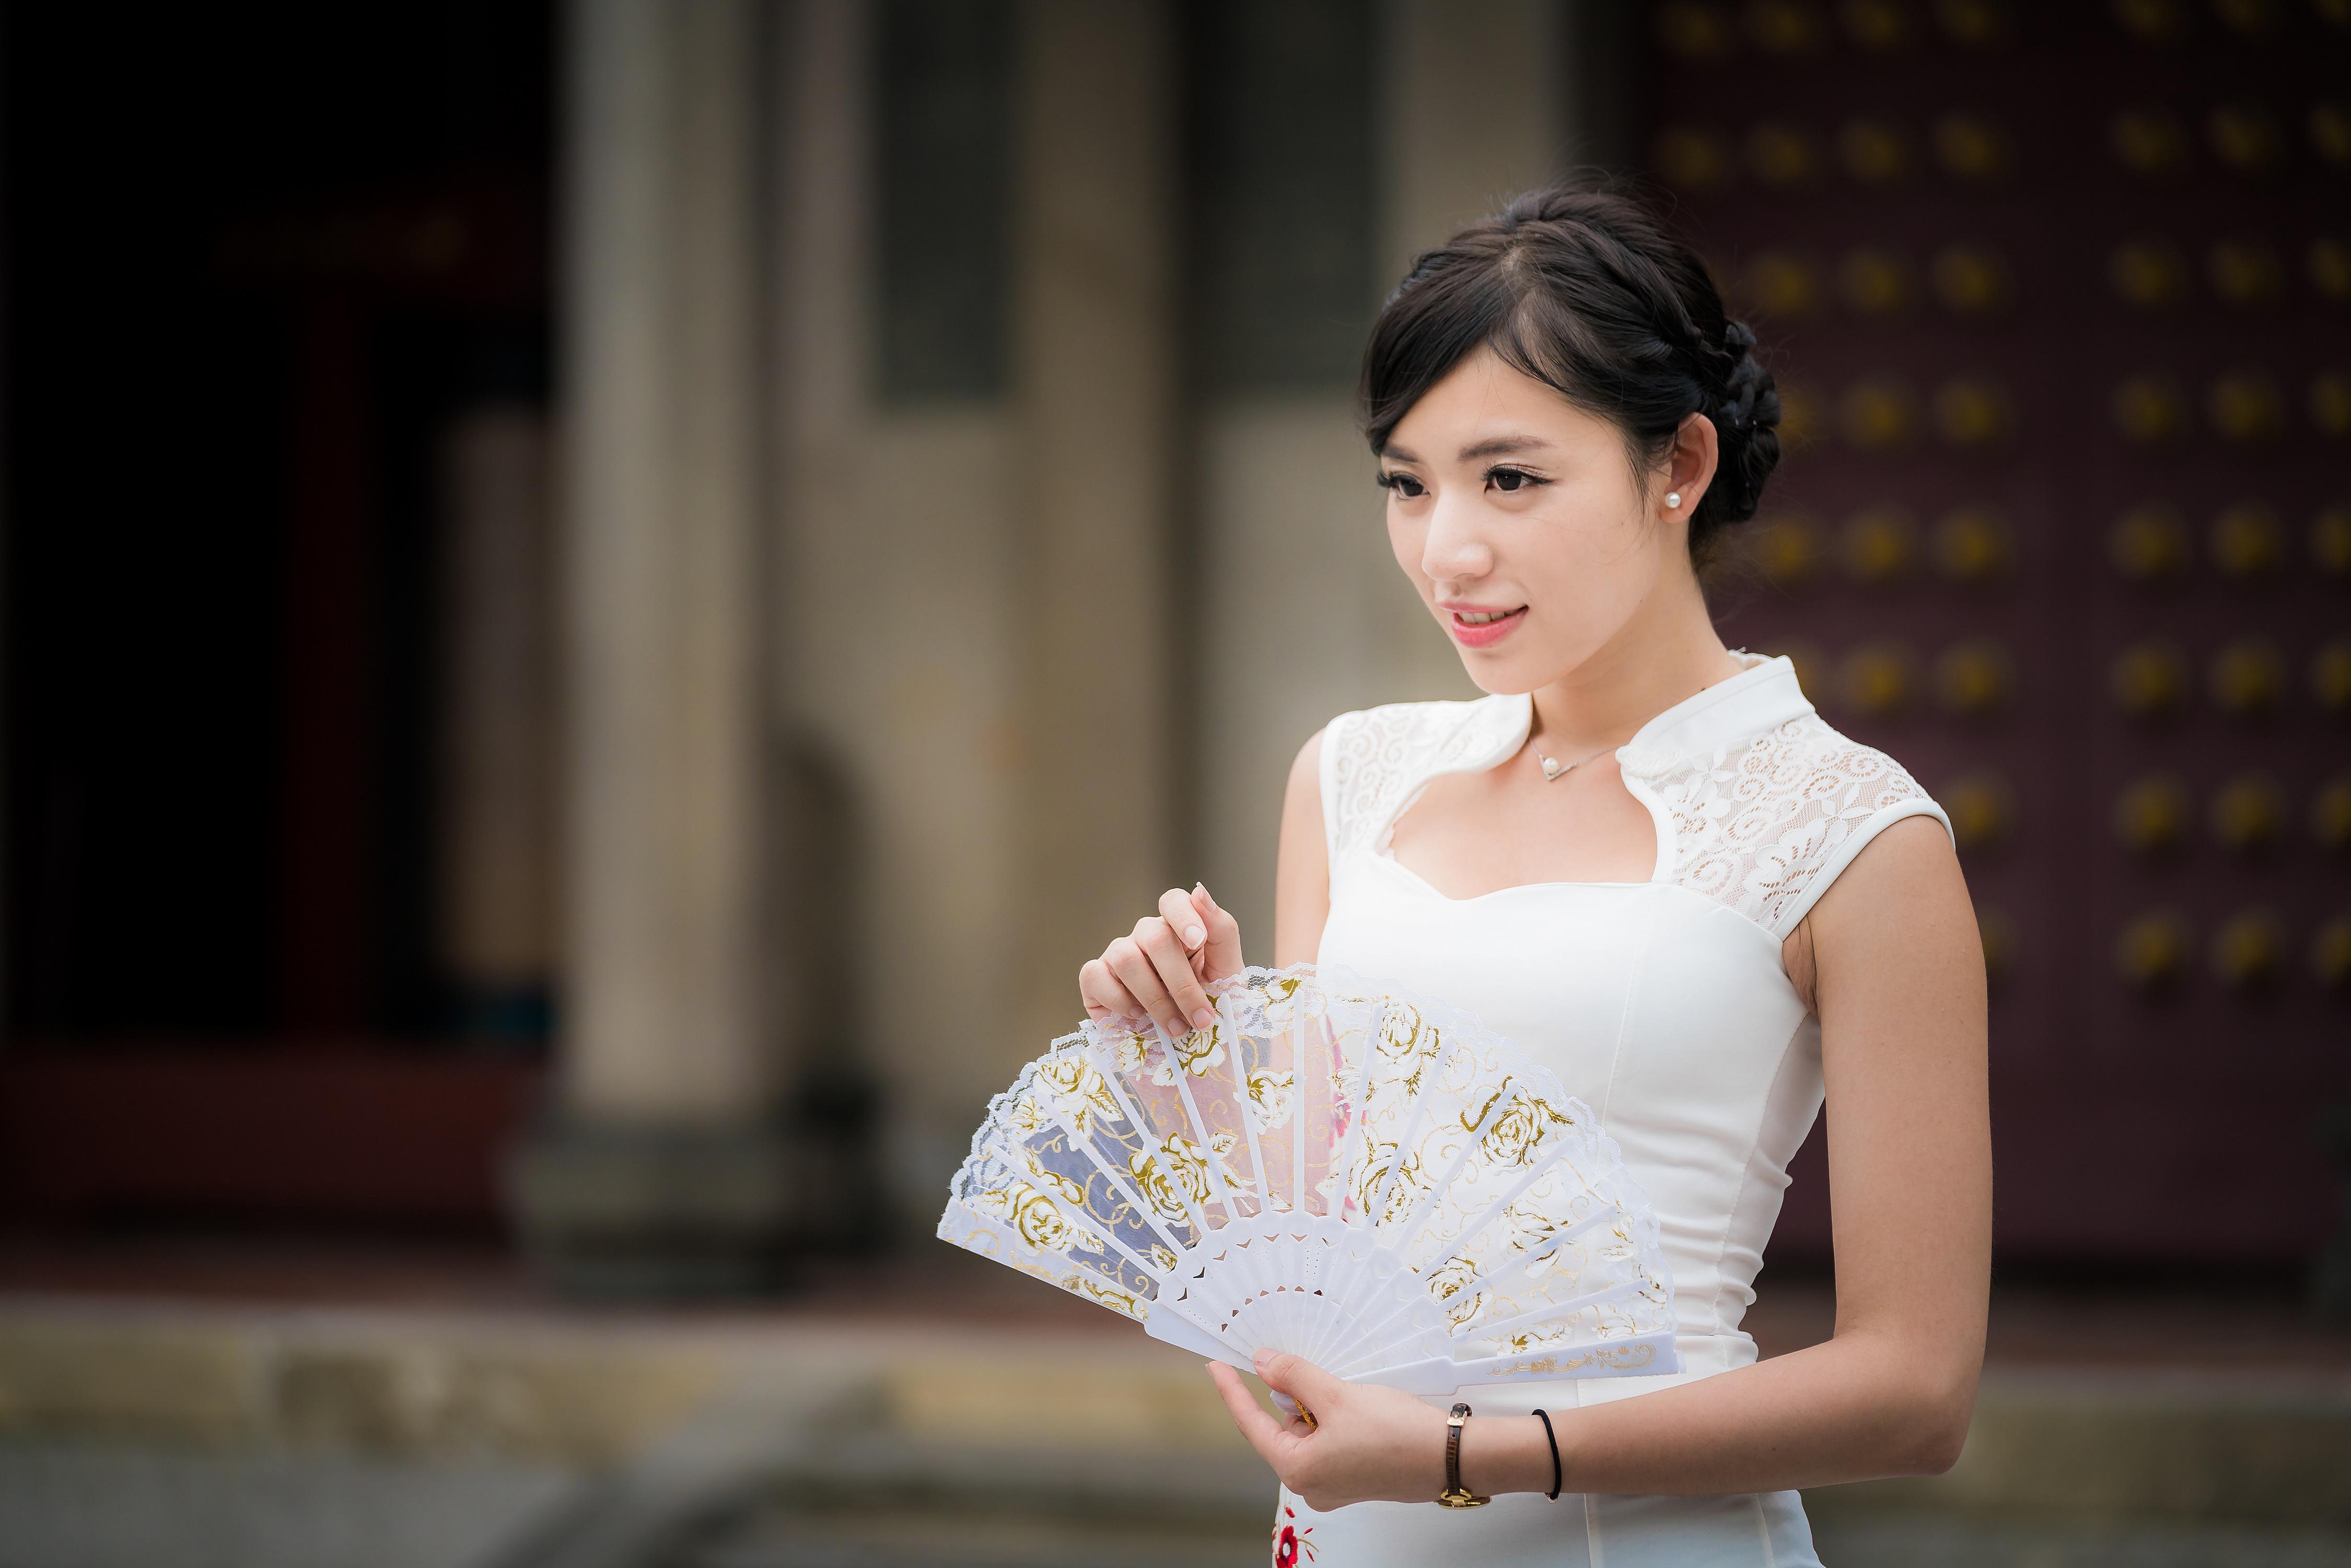 Фотография Девушки брюнеток Размытый фон Веер азиатка Платье 4500x3002 девушка молодые женщины молодая женщина Брюнетка брюнетки боке Азиаты азиатки платья